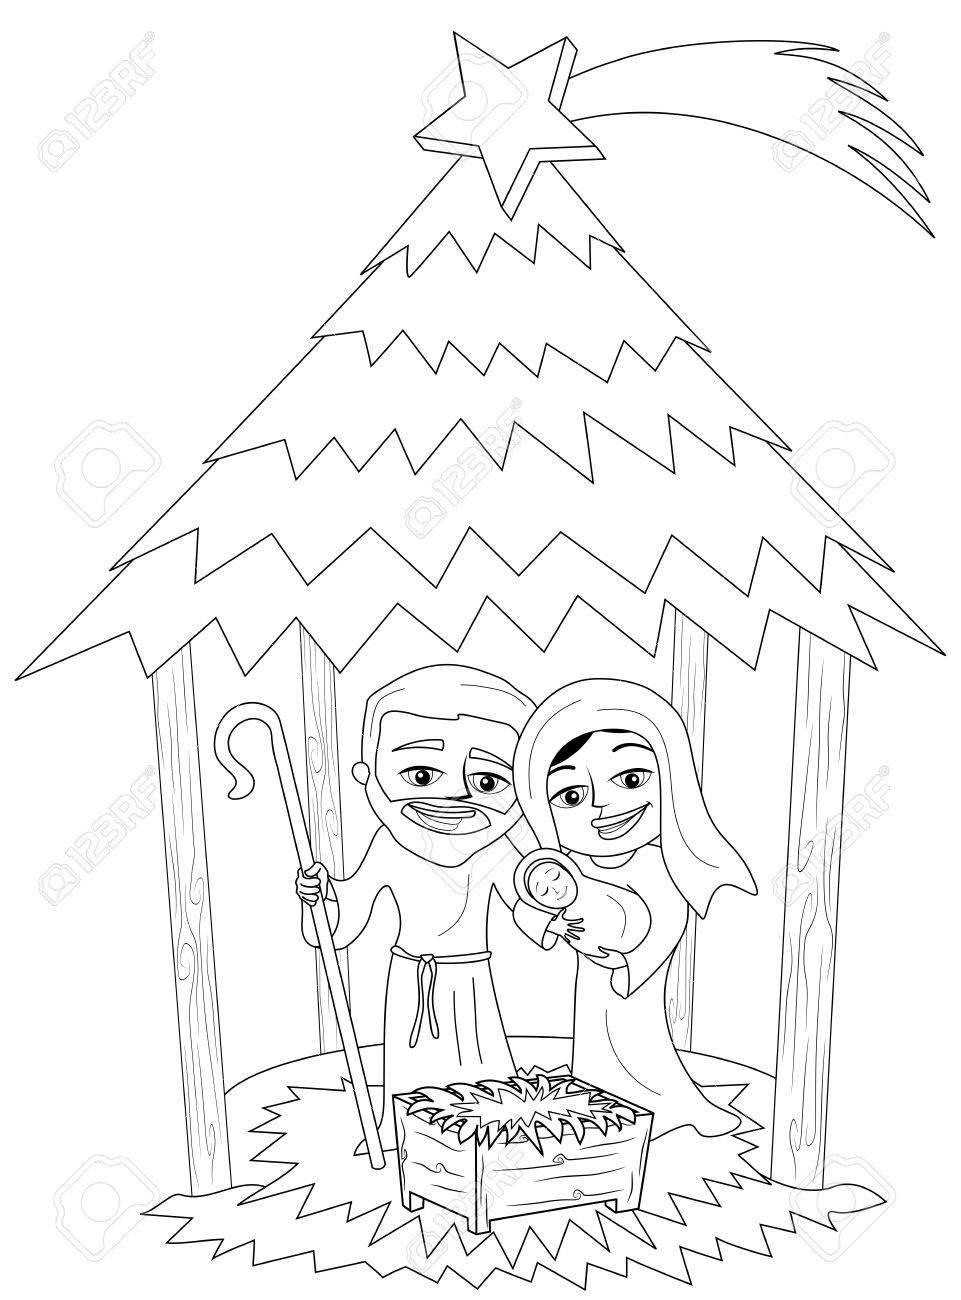 Weihnachts-Krippe Mit Josef Und Maria Mit Neugeborenen Jesus ...